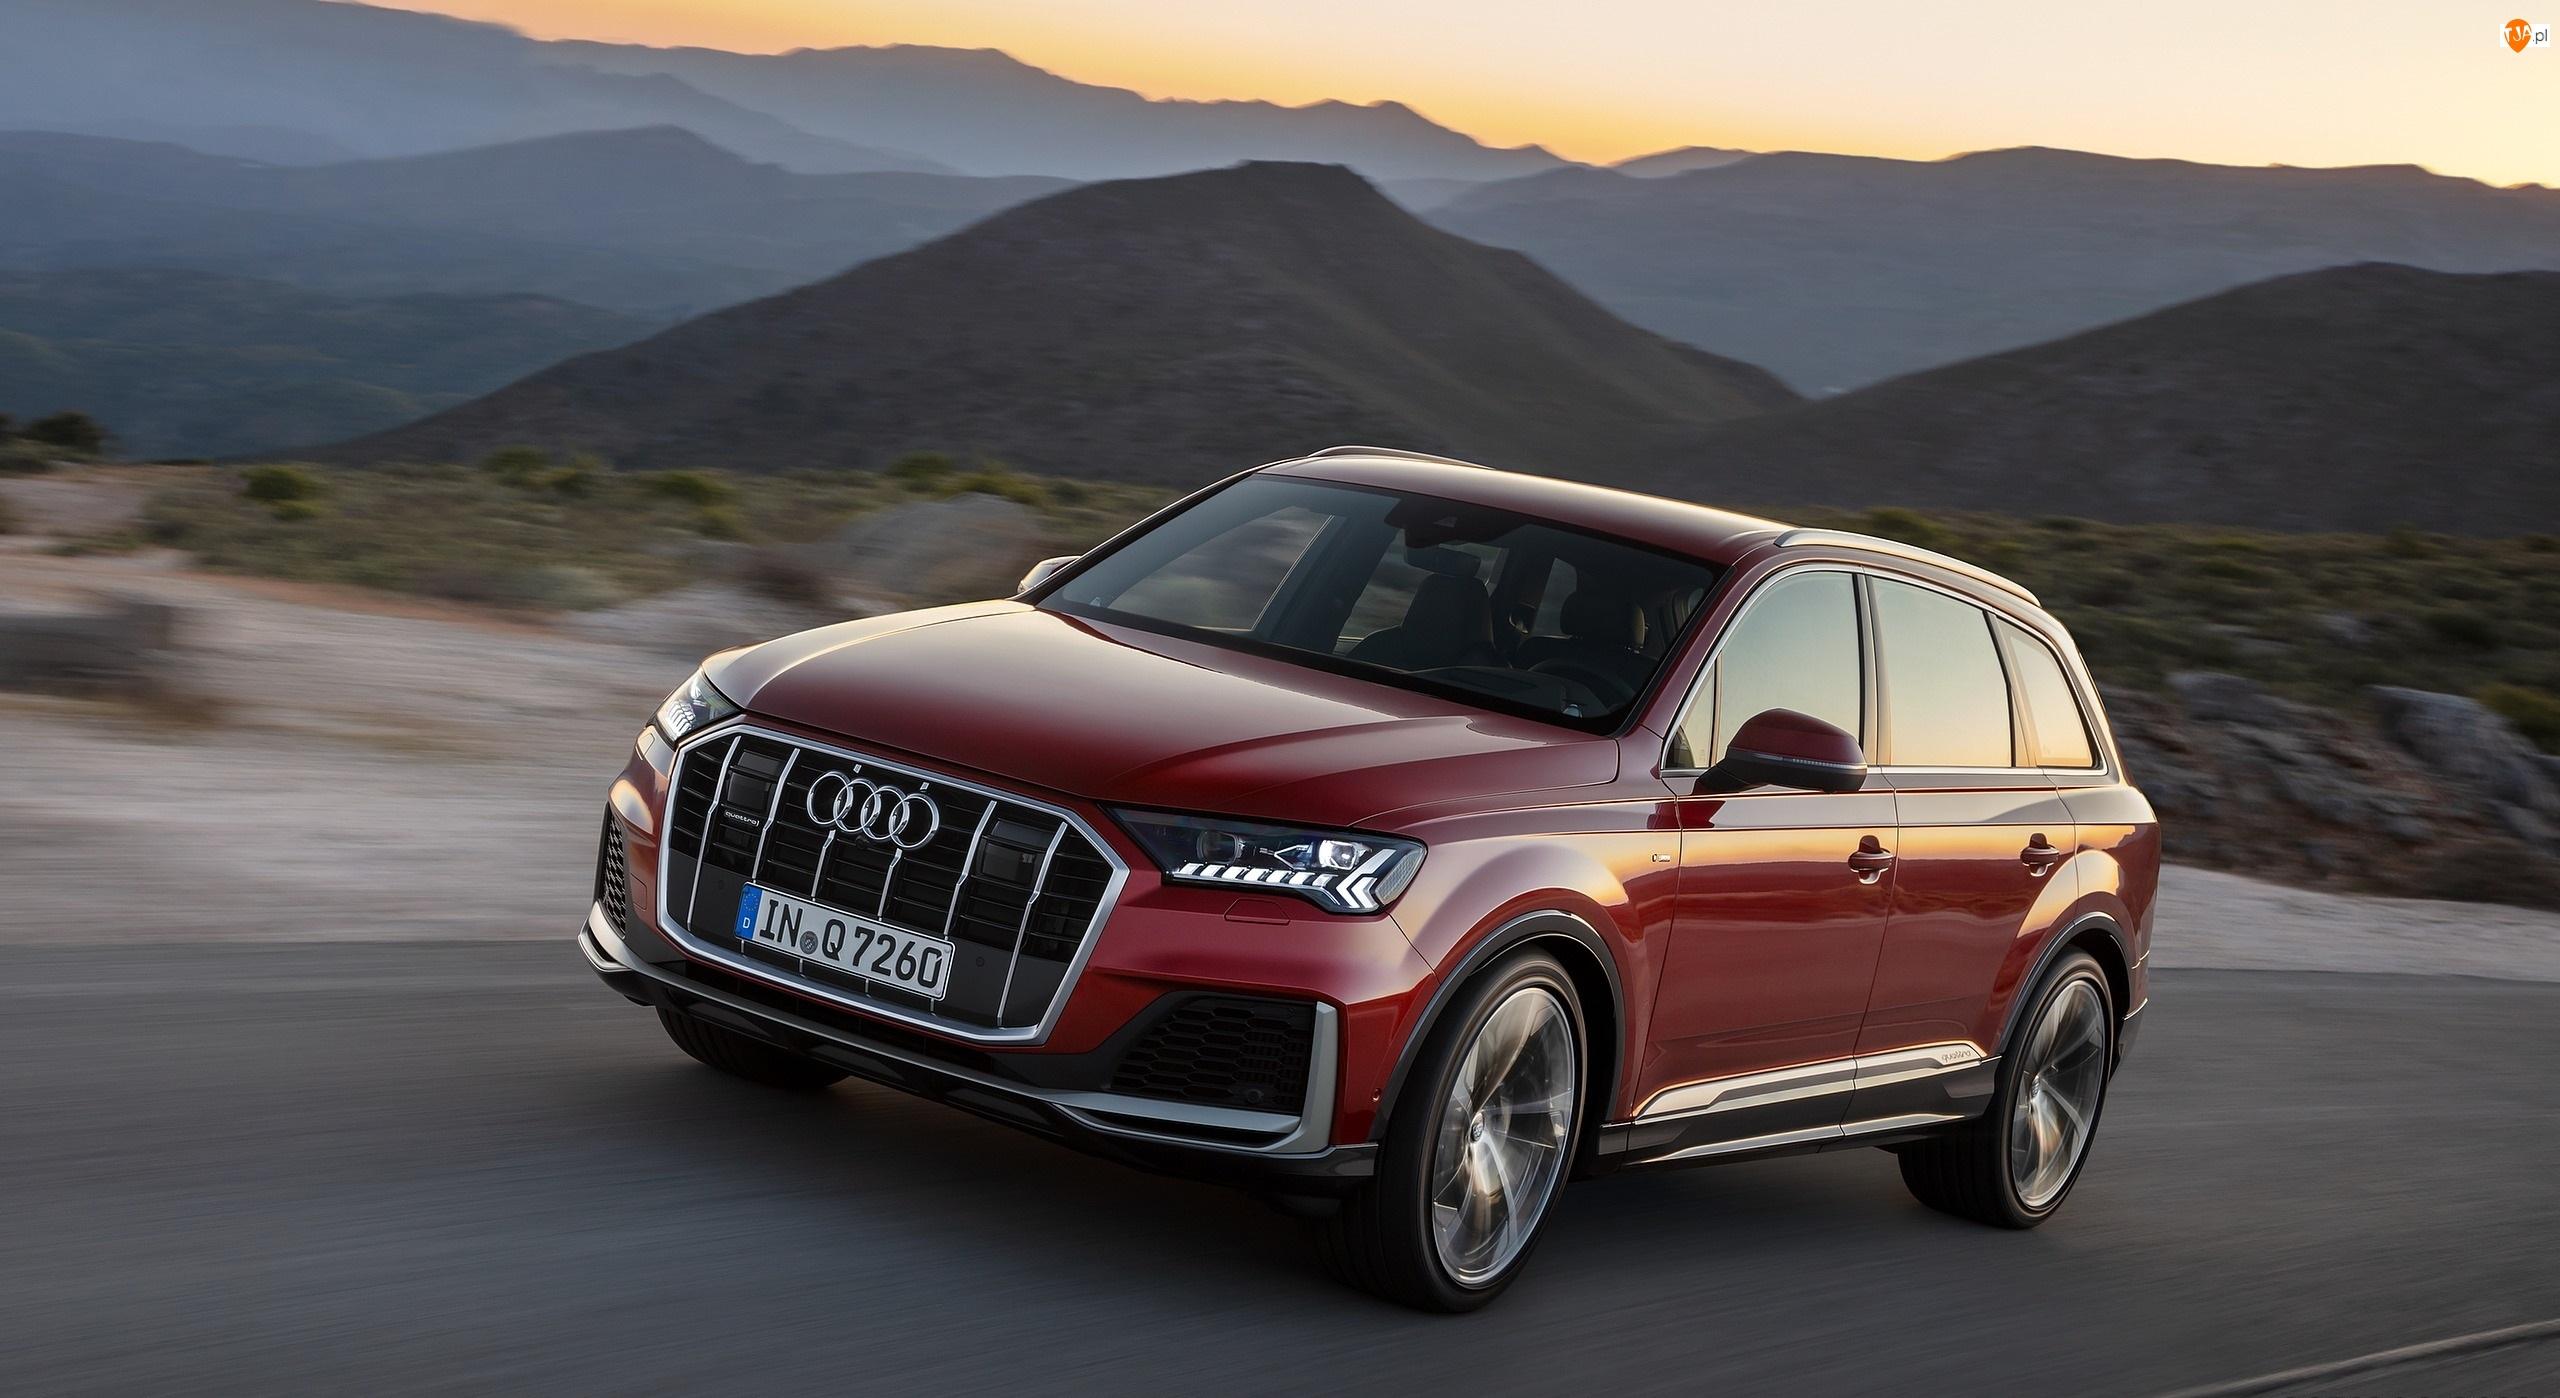 Droga, Czerwone, Audi Q7, Góry